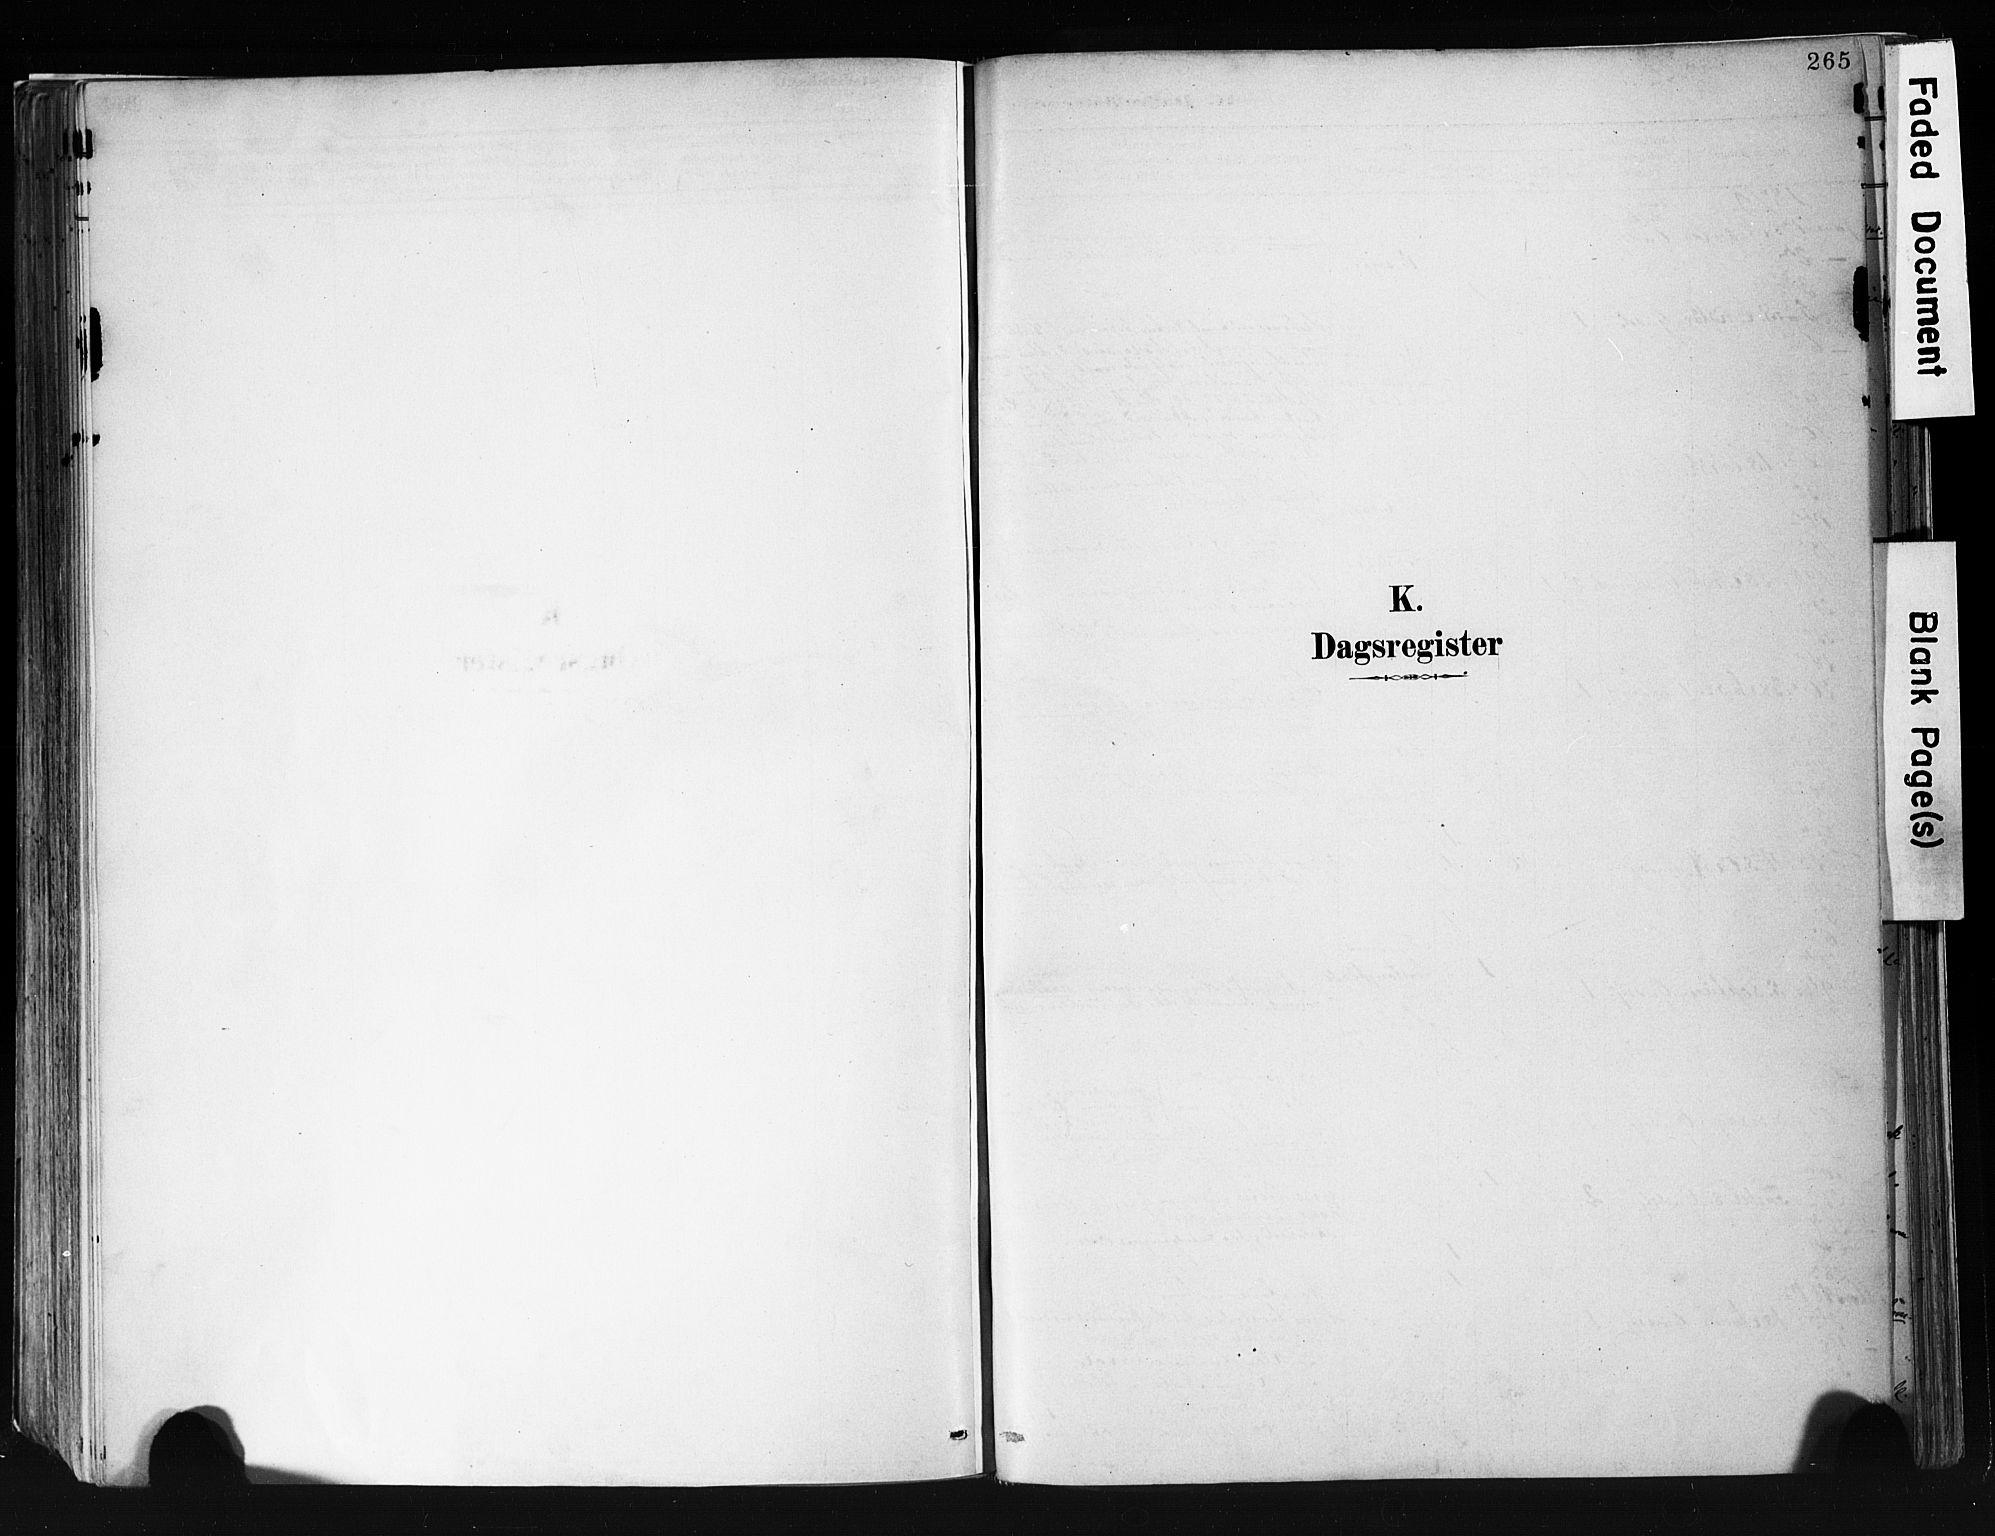 SAKO, Eidanger kirkebøker, F/Fa/L0012: Ministerialbok nr. 12, 1879-1900, s. 265